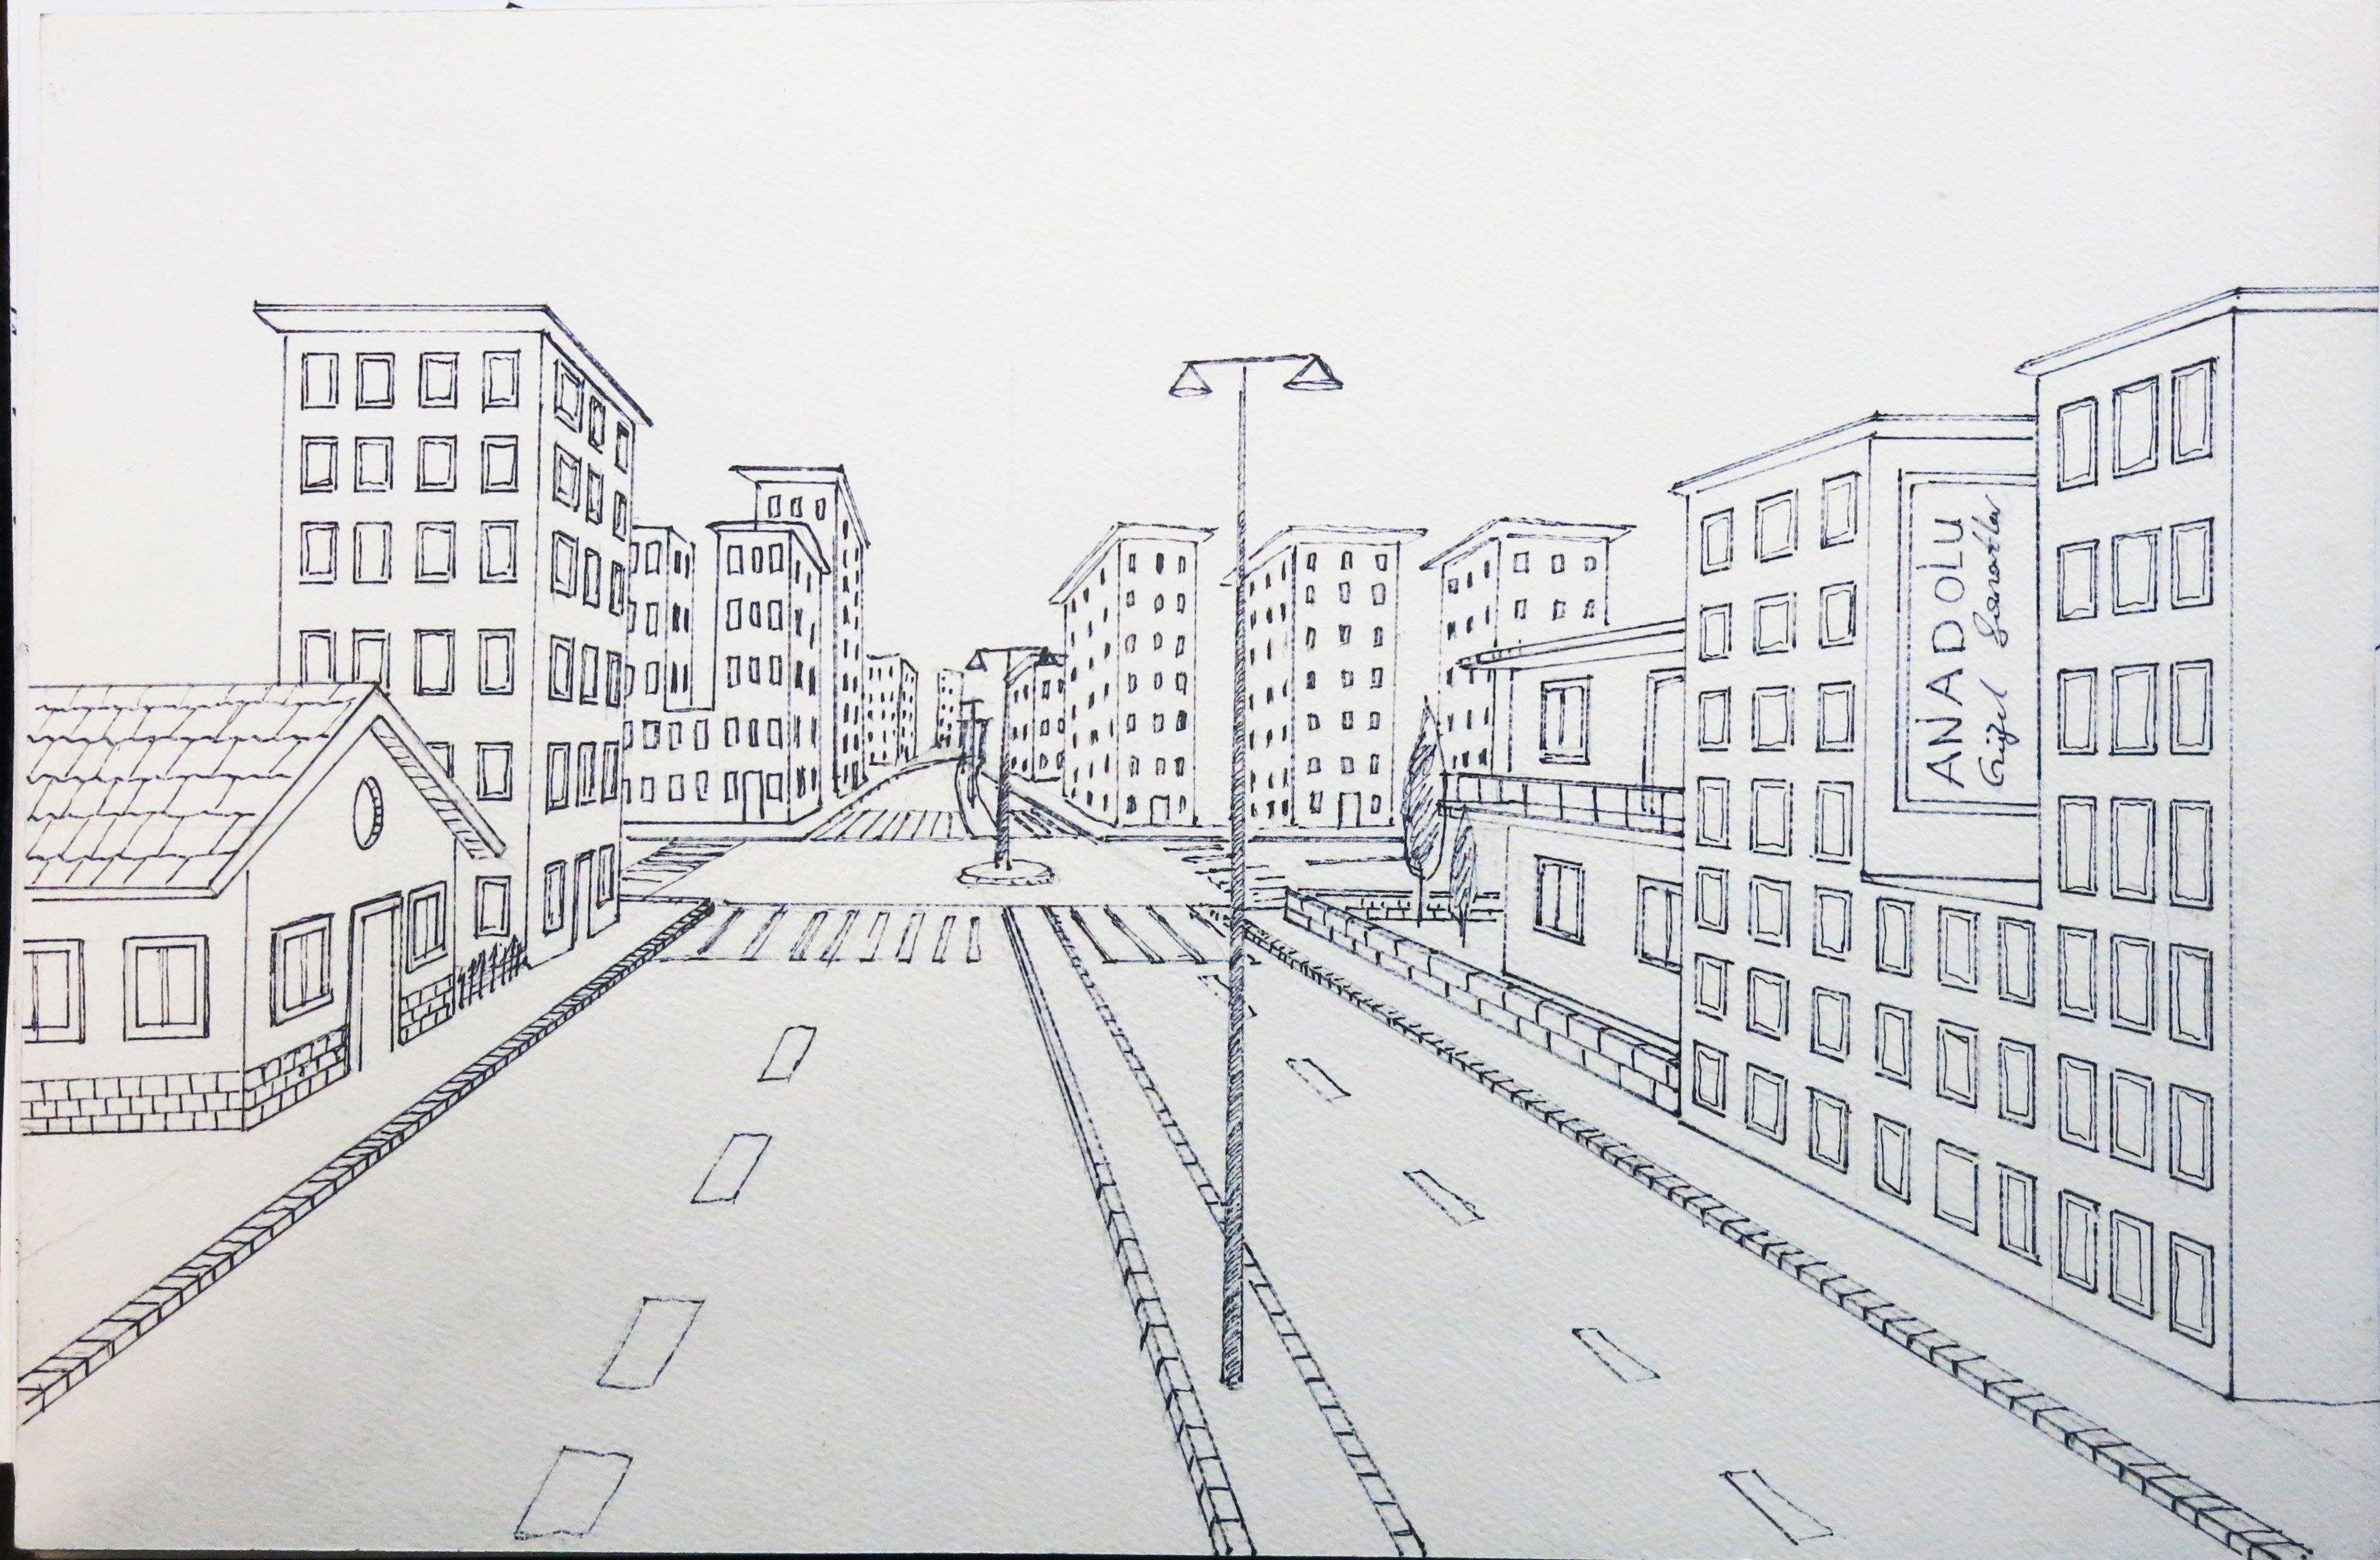 Tek Noktalı Bir Sokak çizimi Resimler 2019 Drawings Sketches